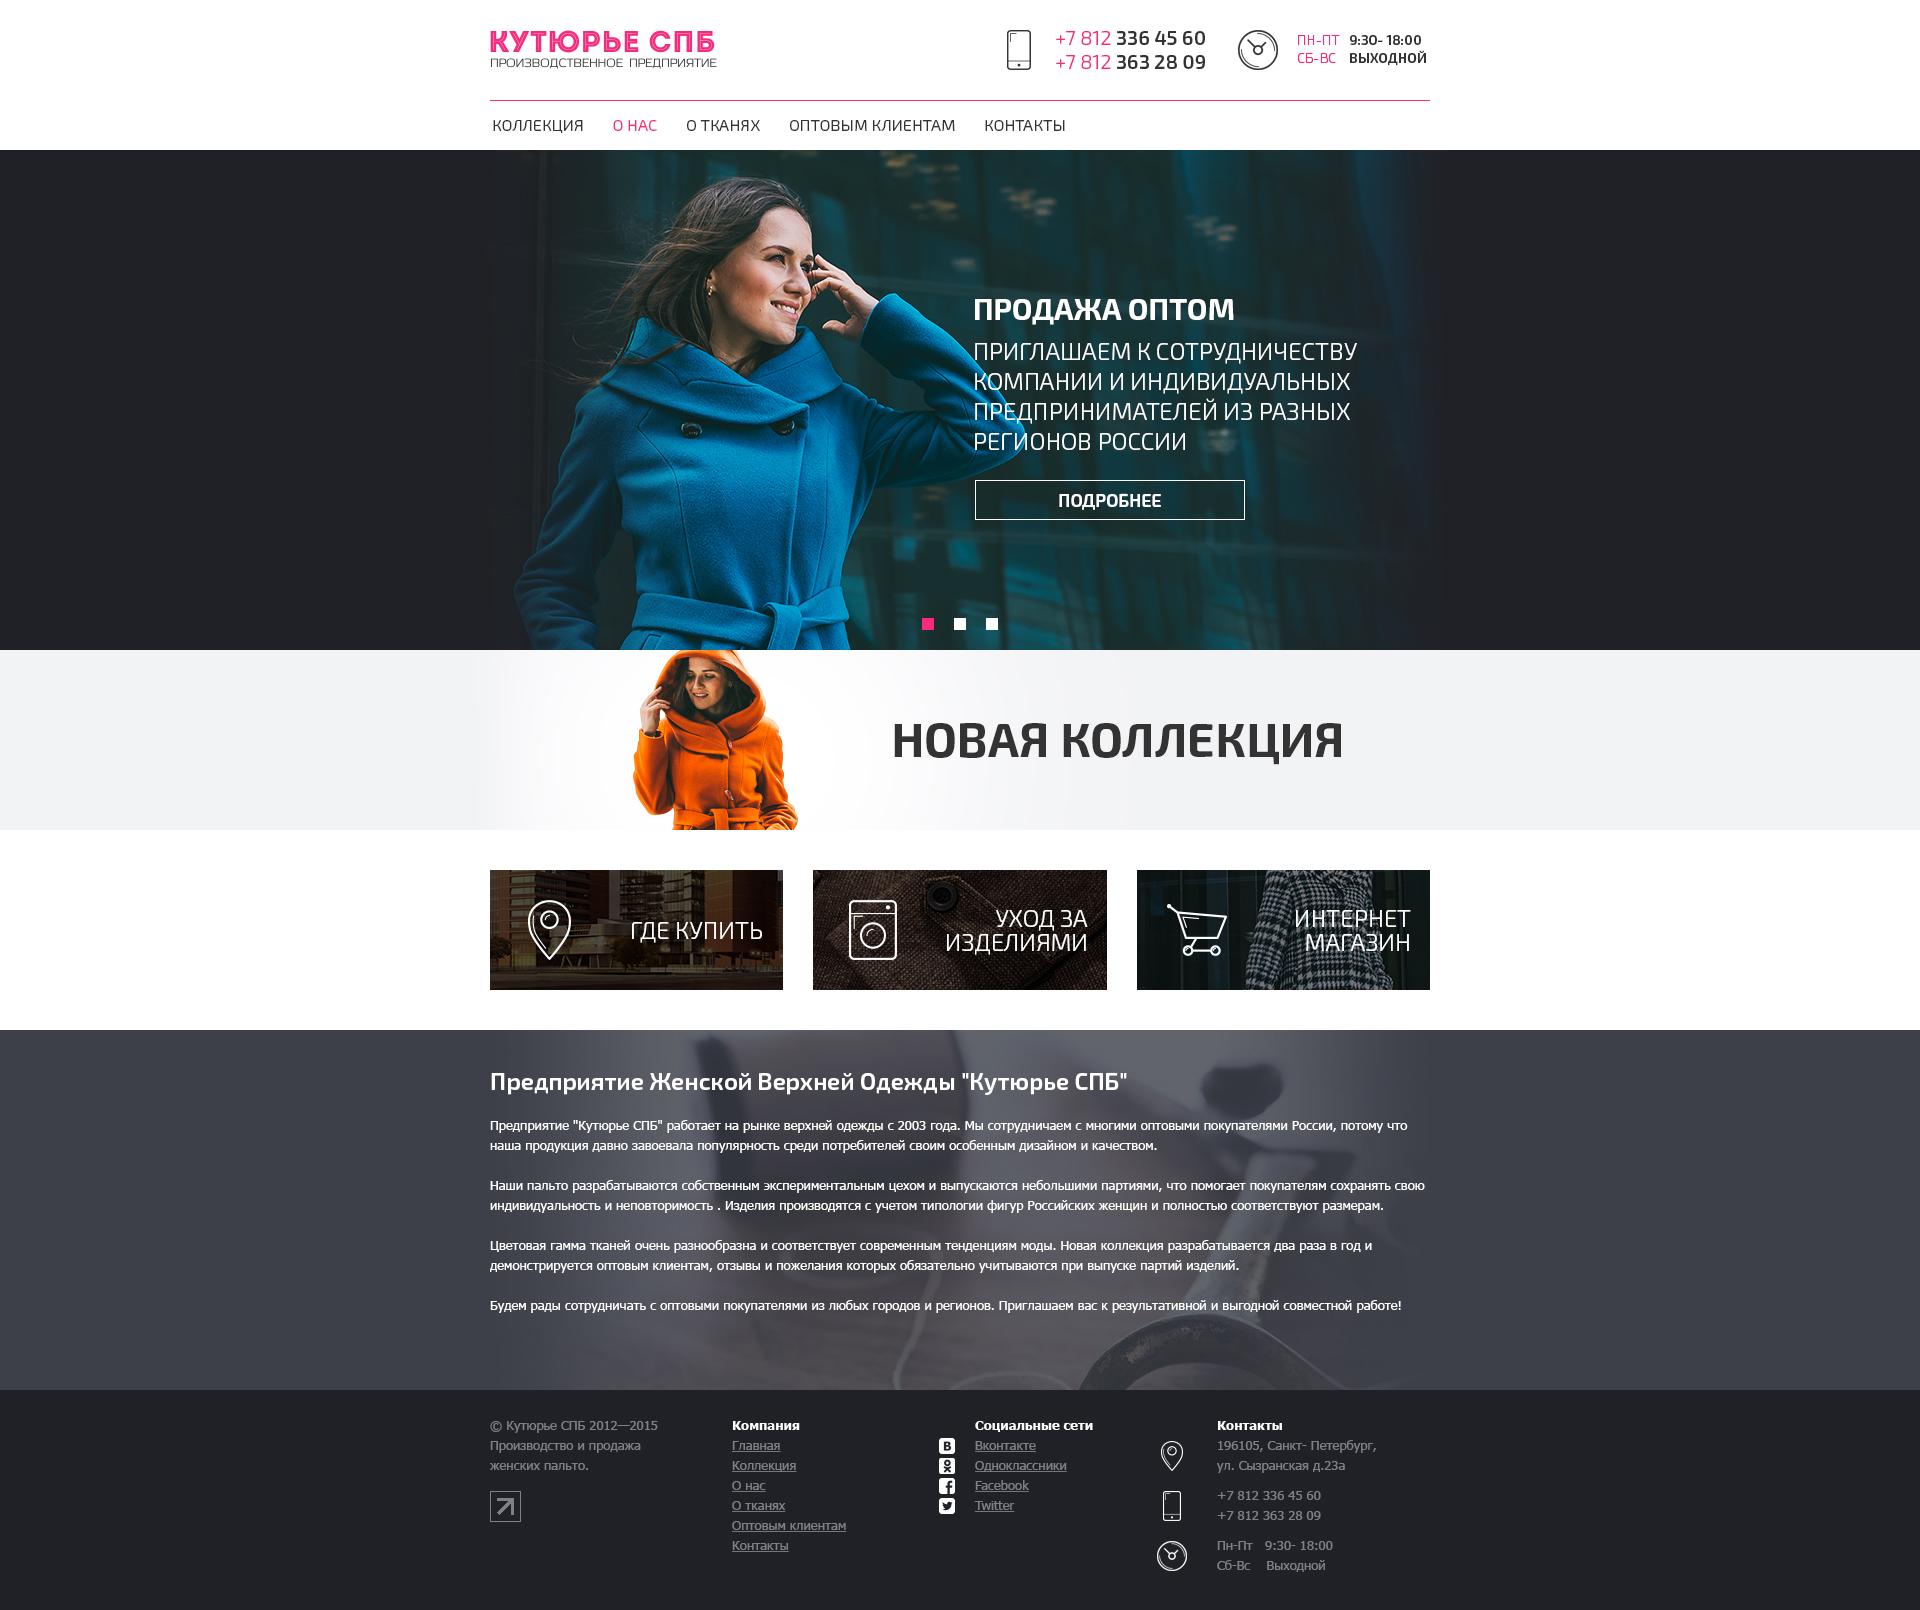 Верстка сайта couturier-com.ru